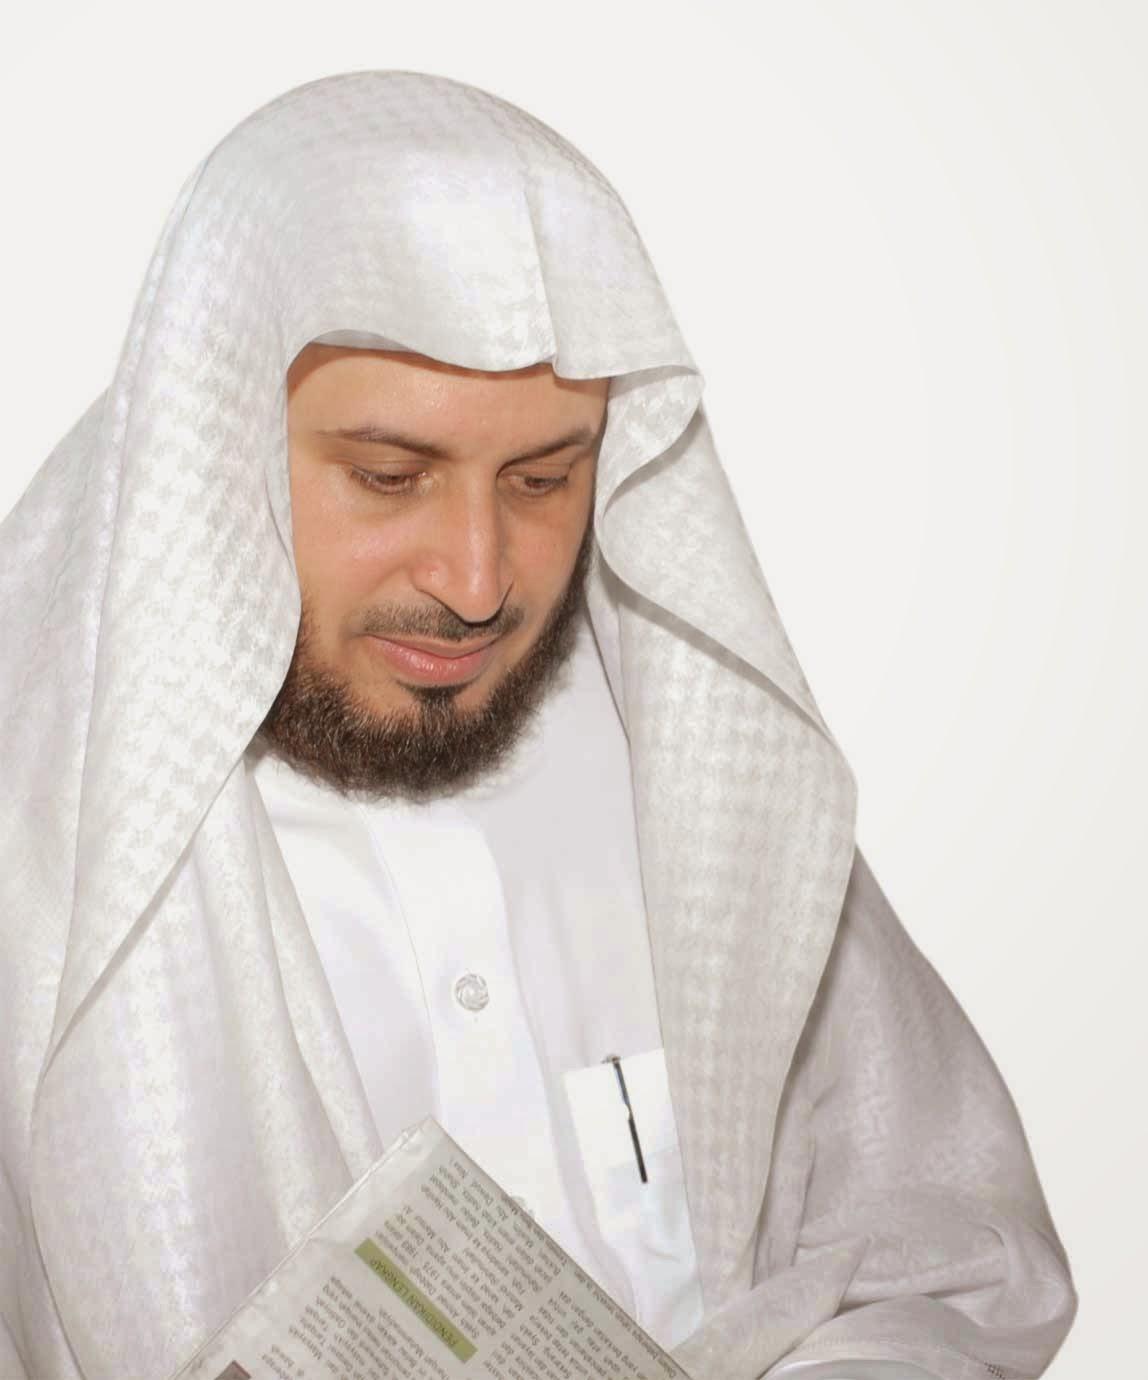 murottal 30 juz saad al-ghomidi